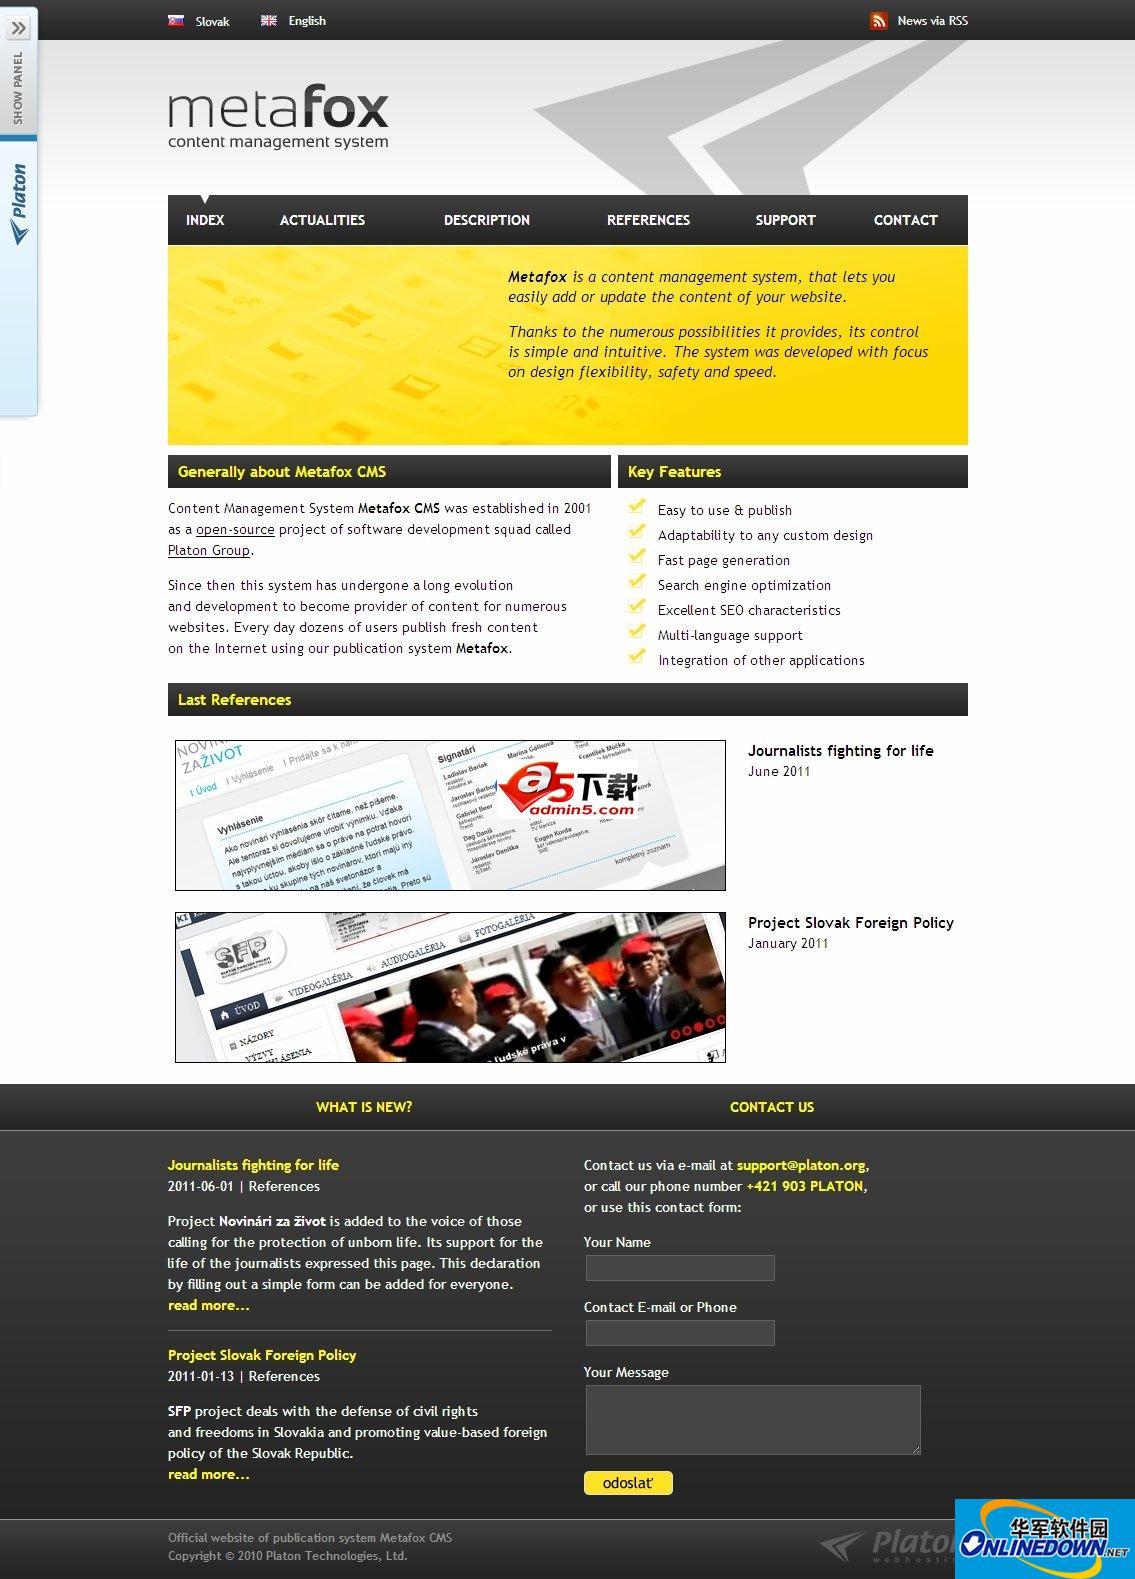 Metafox企业内容管理系统 36770